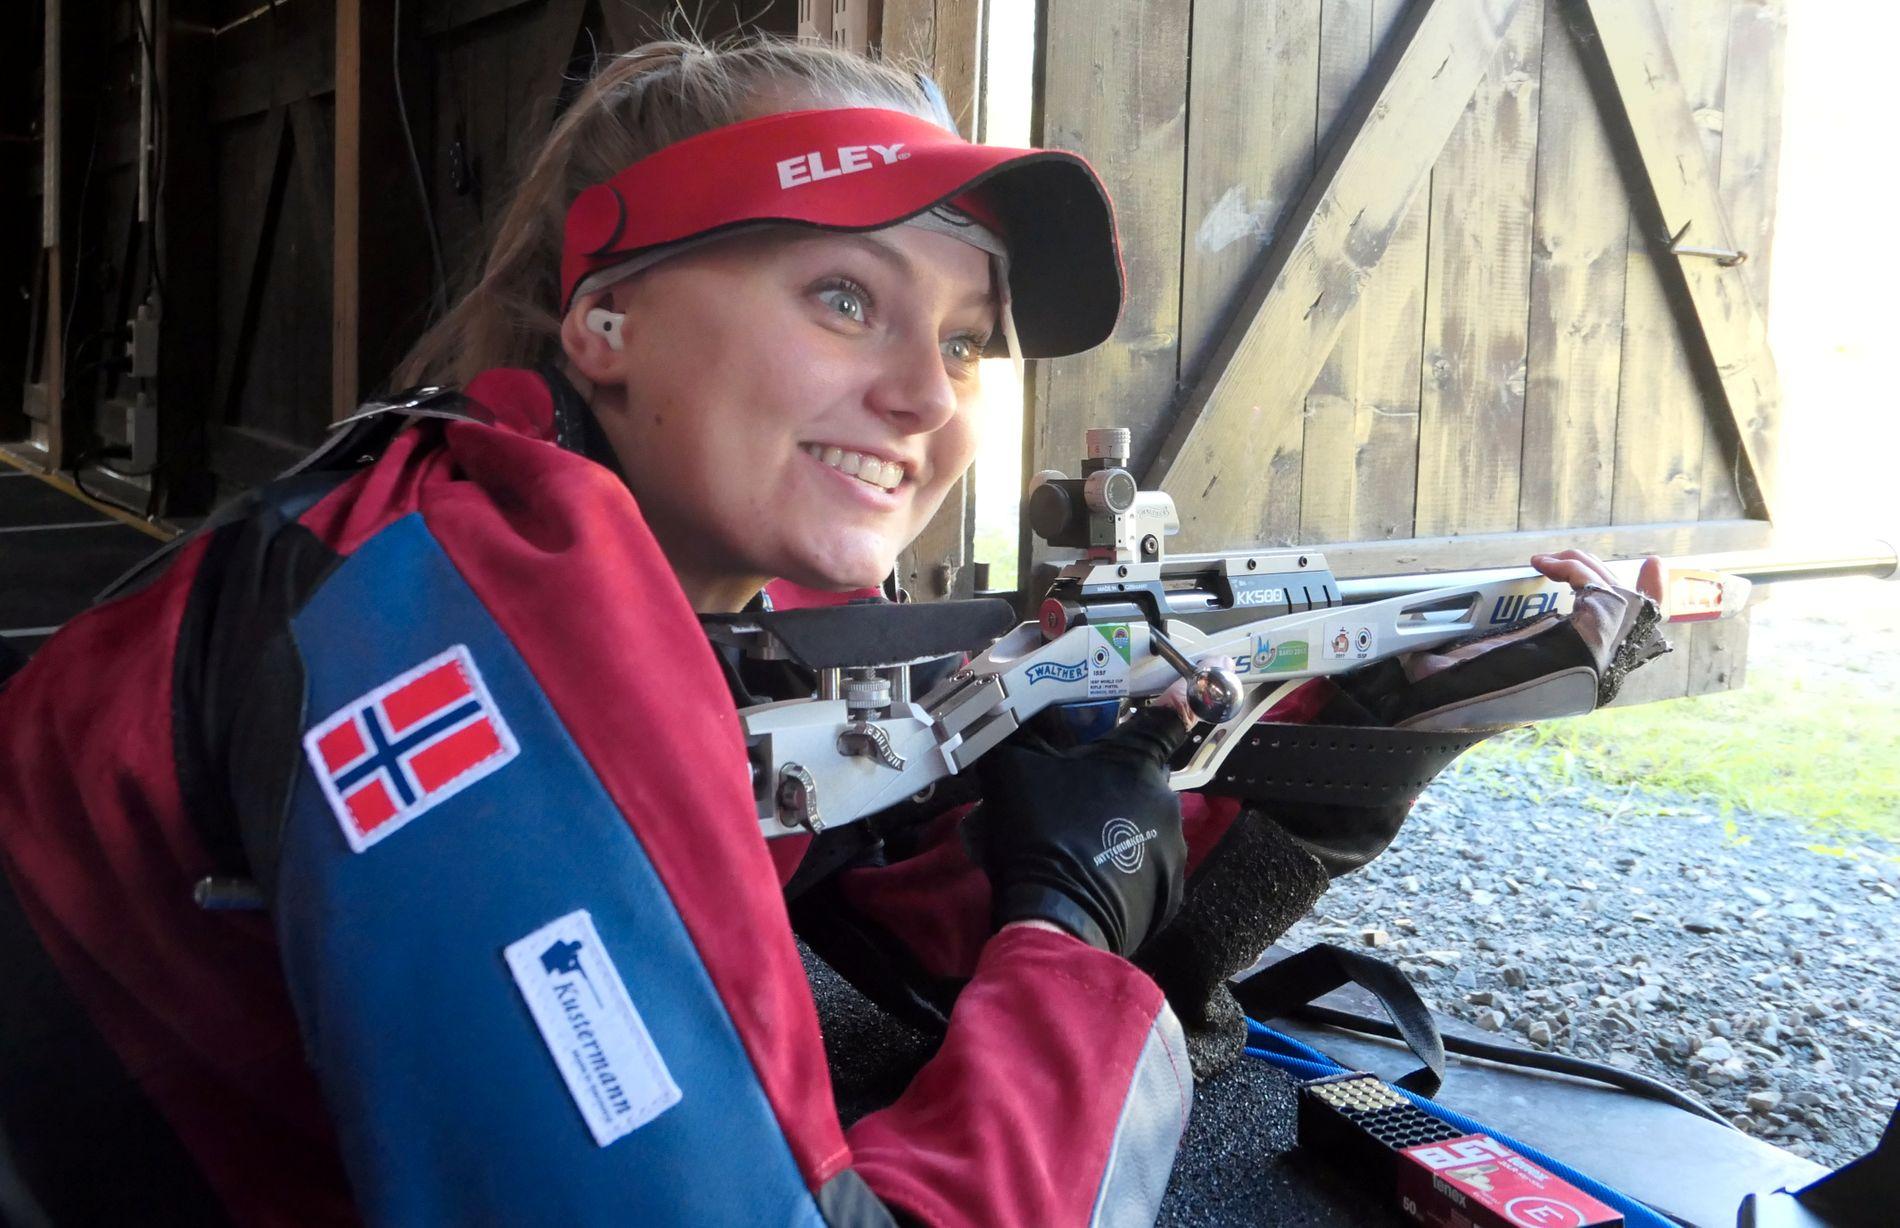 UKJENT OL-HÅP: Jenny Stene har satt verdensrekord på helmatch med 1185 poeng denne sesongen. Hun er en av Norges ukjente OL-håp.